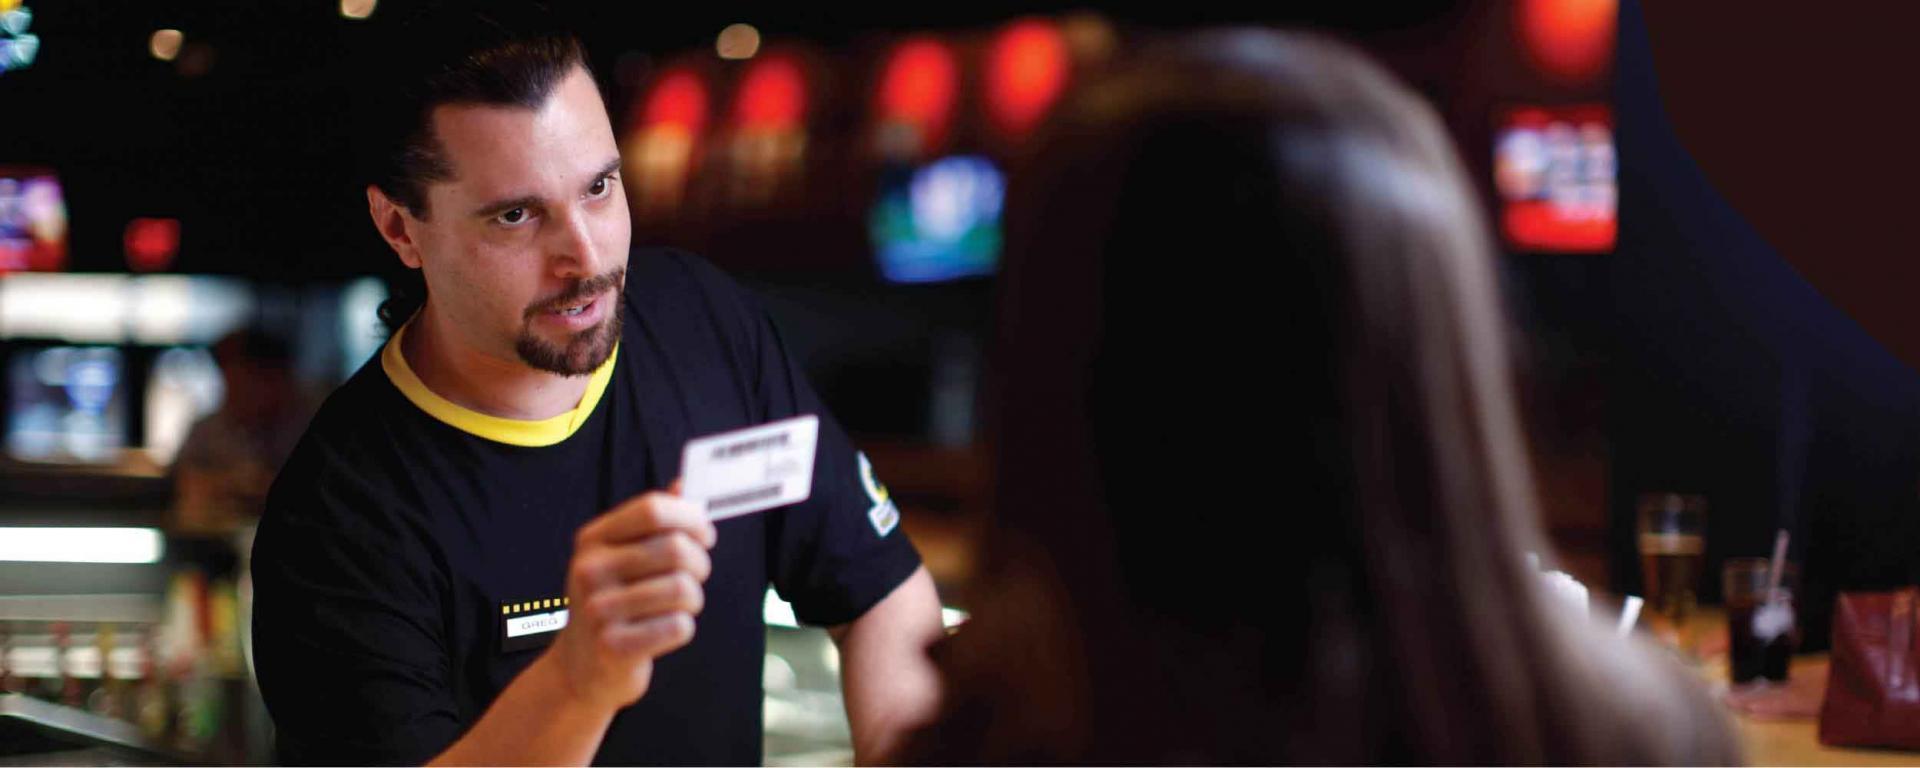 man at bar reviewing ID